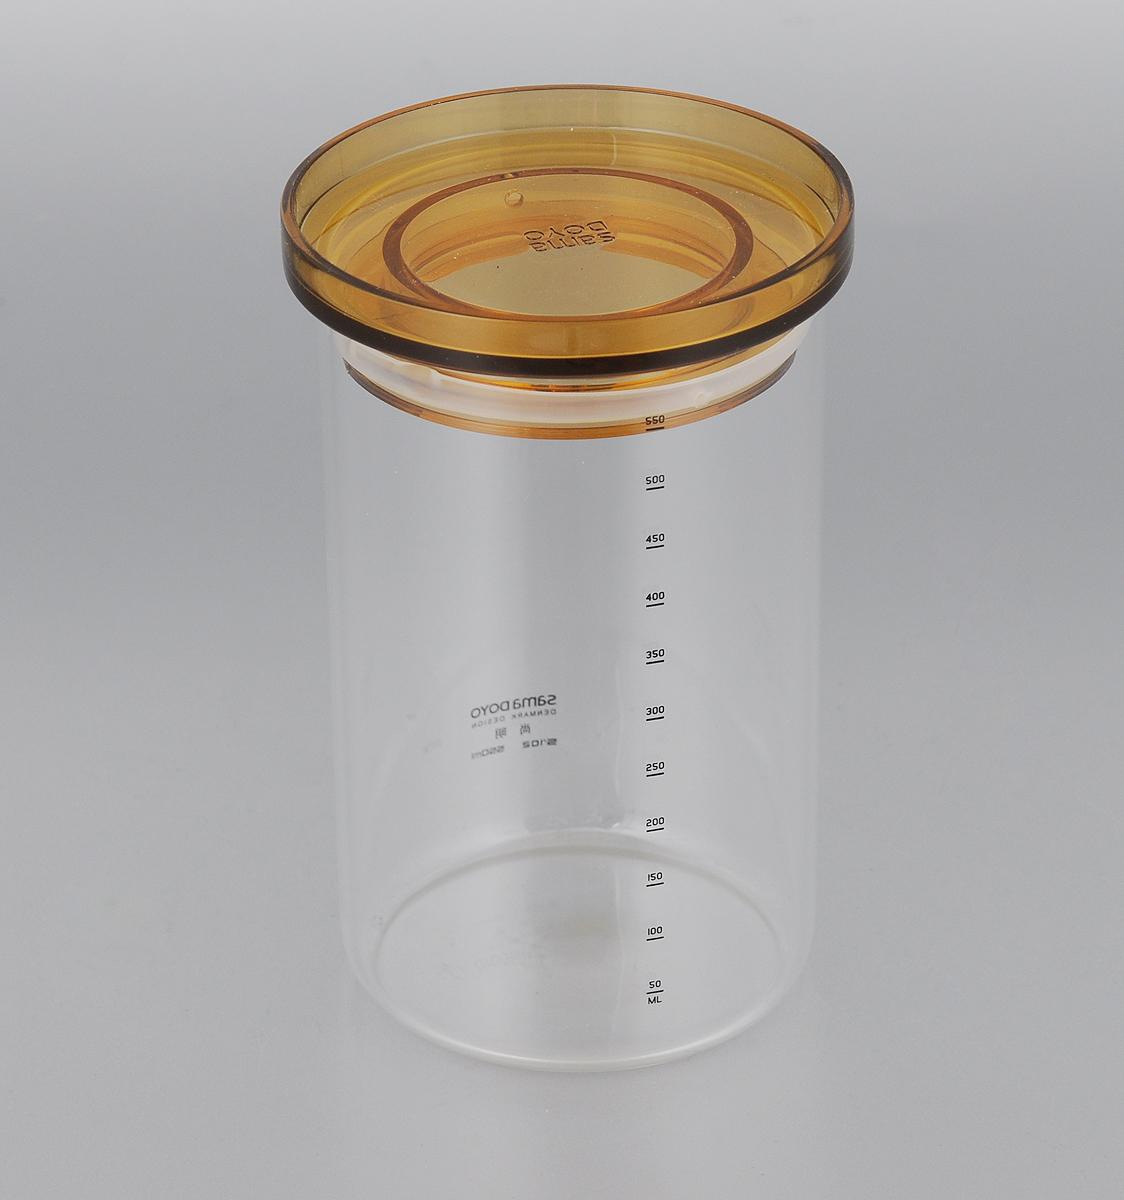 Банка для хранения чая Samadoyo, 550 мл2353Банка для хранения Samadoyo,изготовленная из высококачественногостекла, имеет крышку. Она предназначена для хранения чая или других сыпучих продуктов. Банка Samadoyo станет отличным дополнениемк коллекции кухонных аксессуаров и поможетэффективно организовать пространство на кухне.